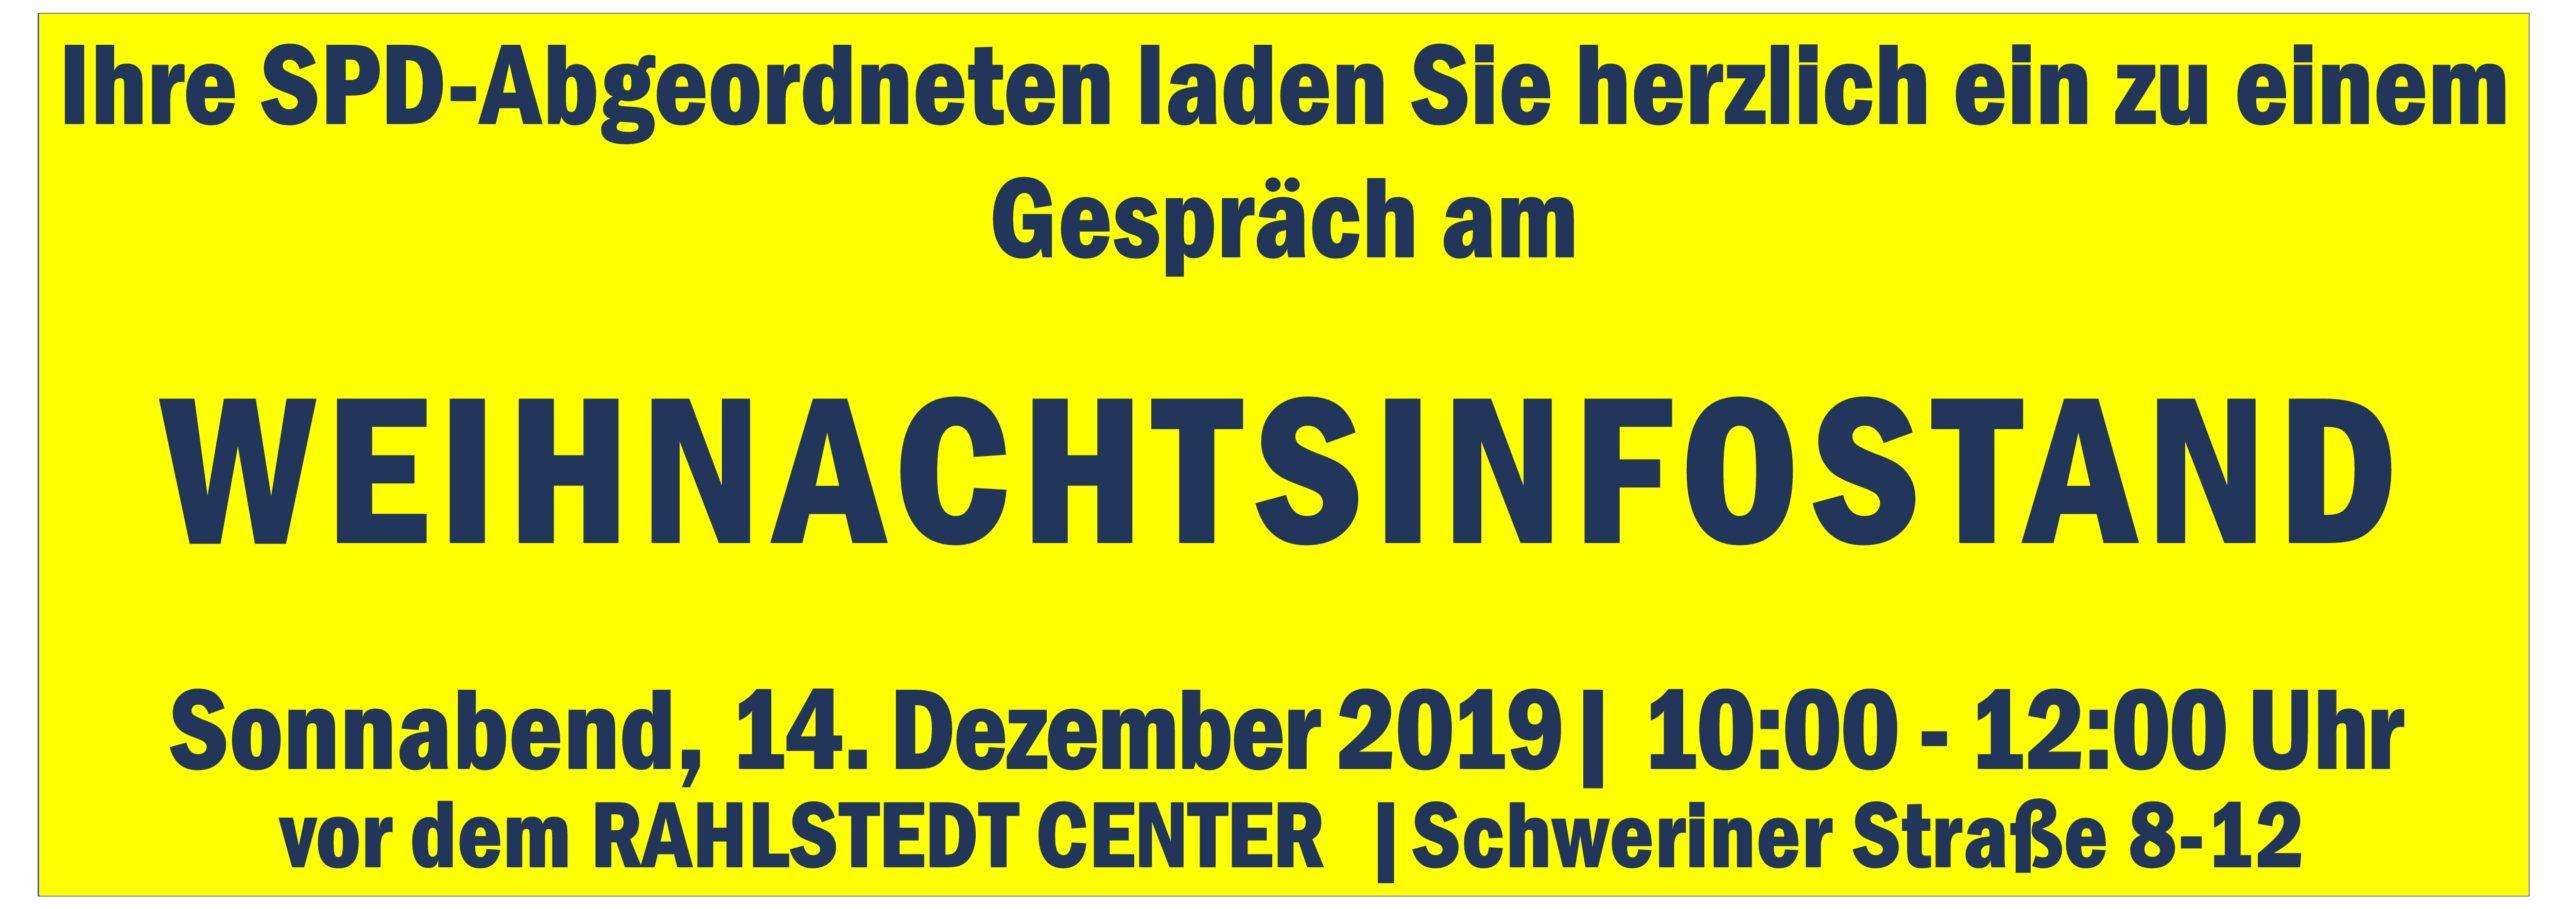 Treffen Sie mich dieses Mal am SPD-Weihnachtsinfosstand in Rahlstedt!